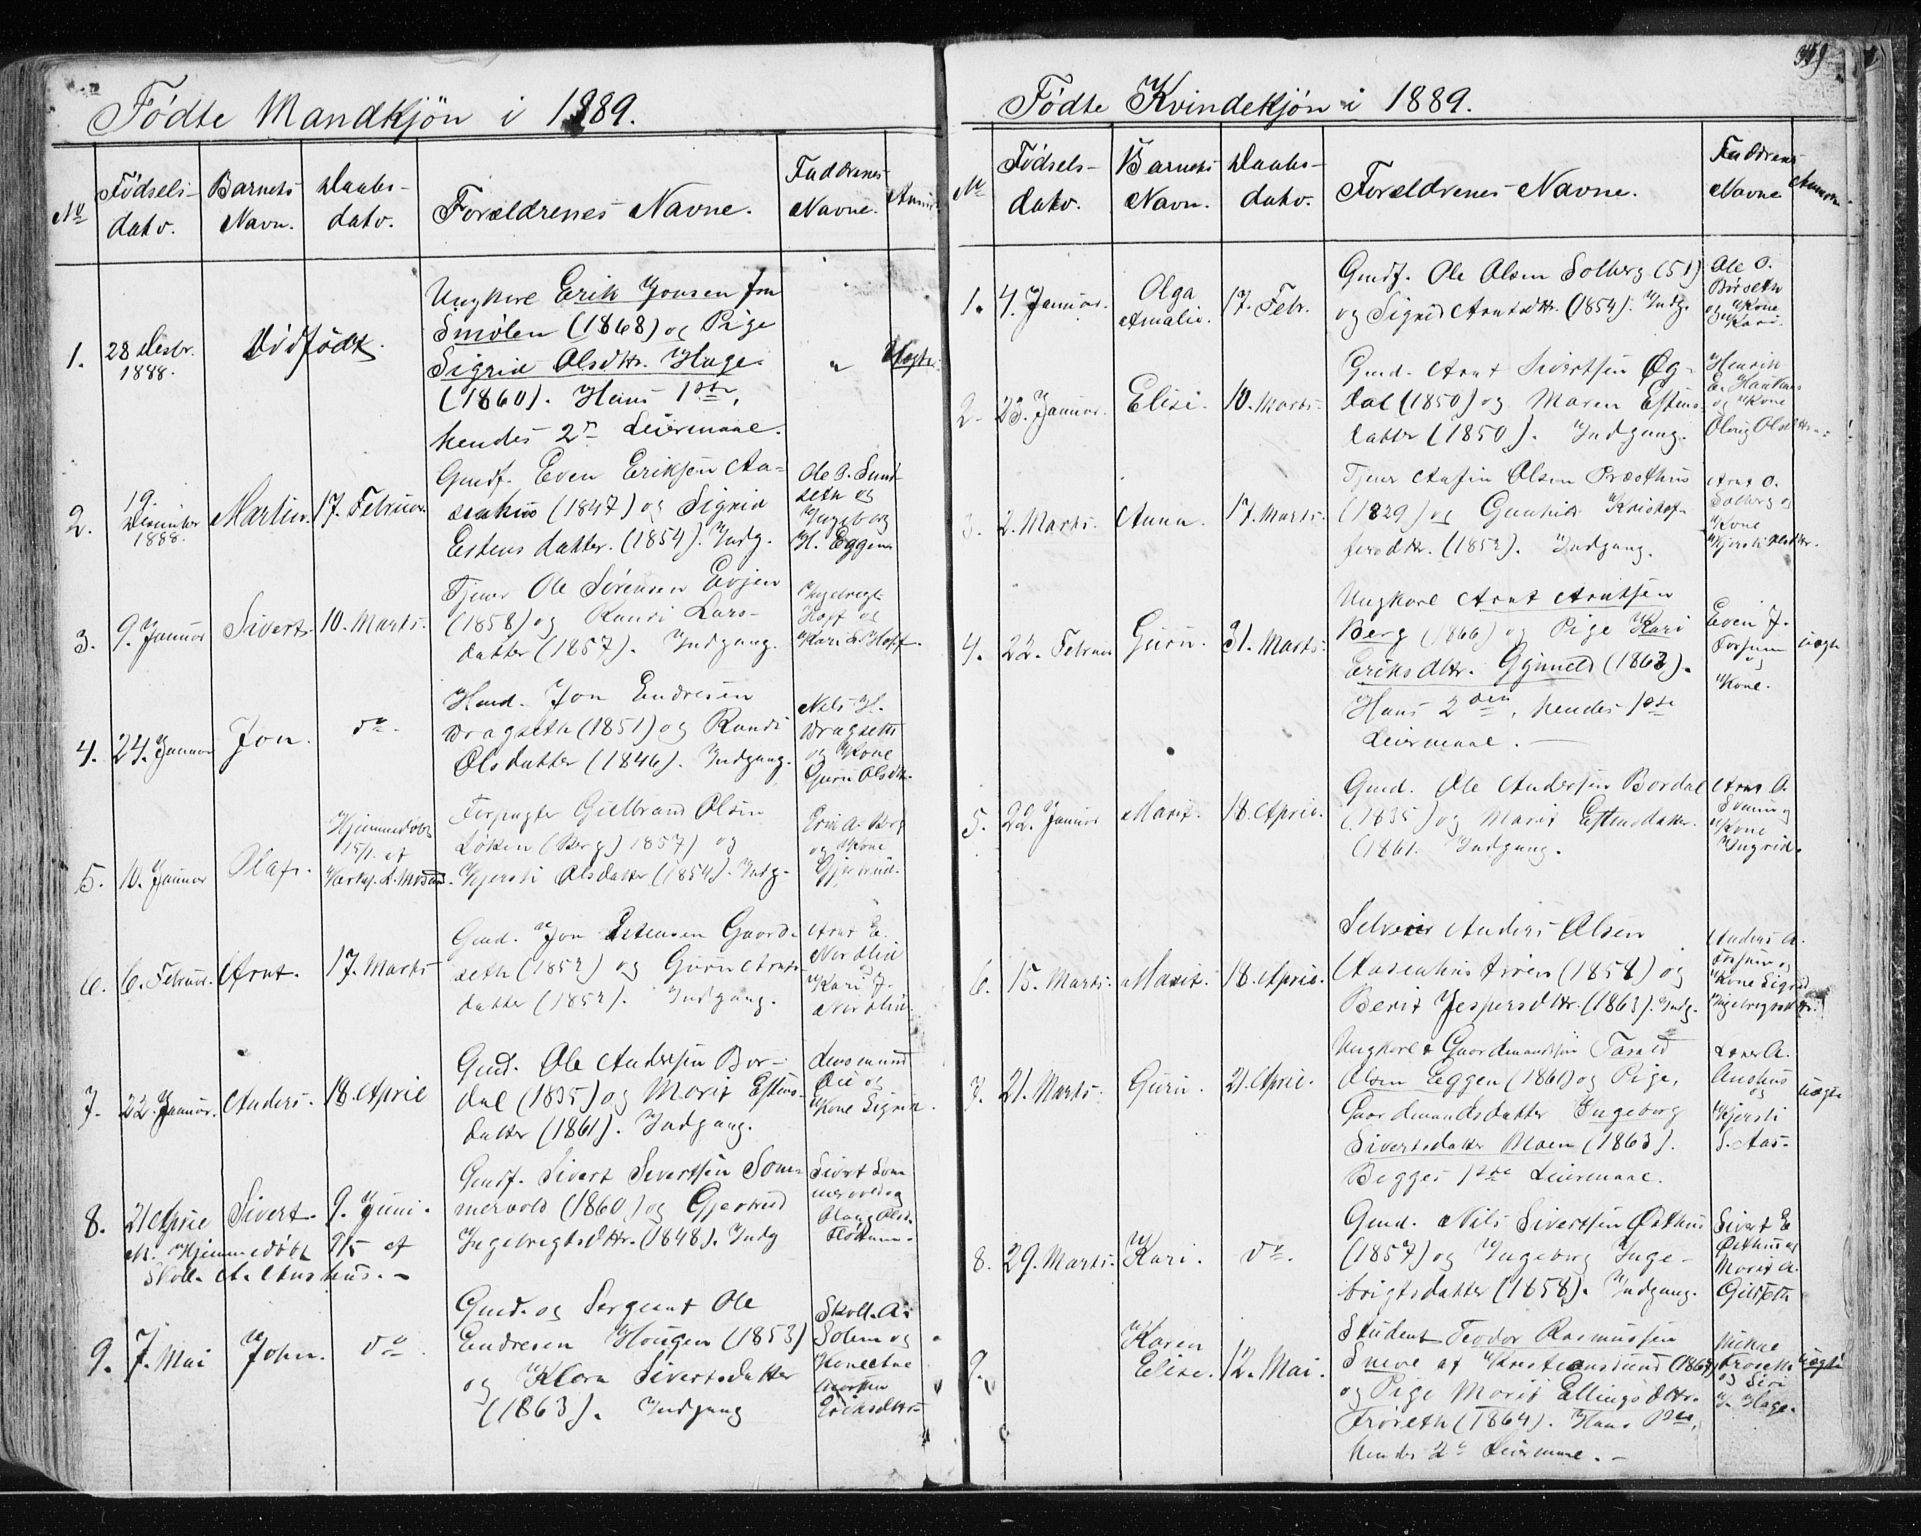 SAT, Ministerialprotokoller, klokkerbøker og fødselsregistre - Sør-Trøndelag, 689/L1043: Klokkerbok nr. 689C02, 1816-1892, s. 349